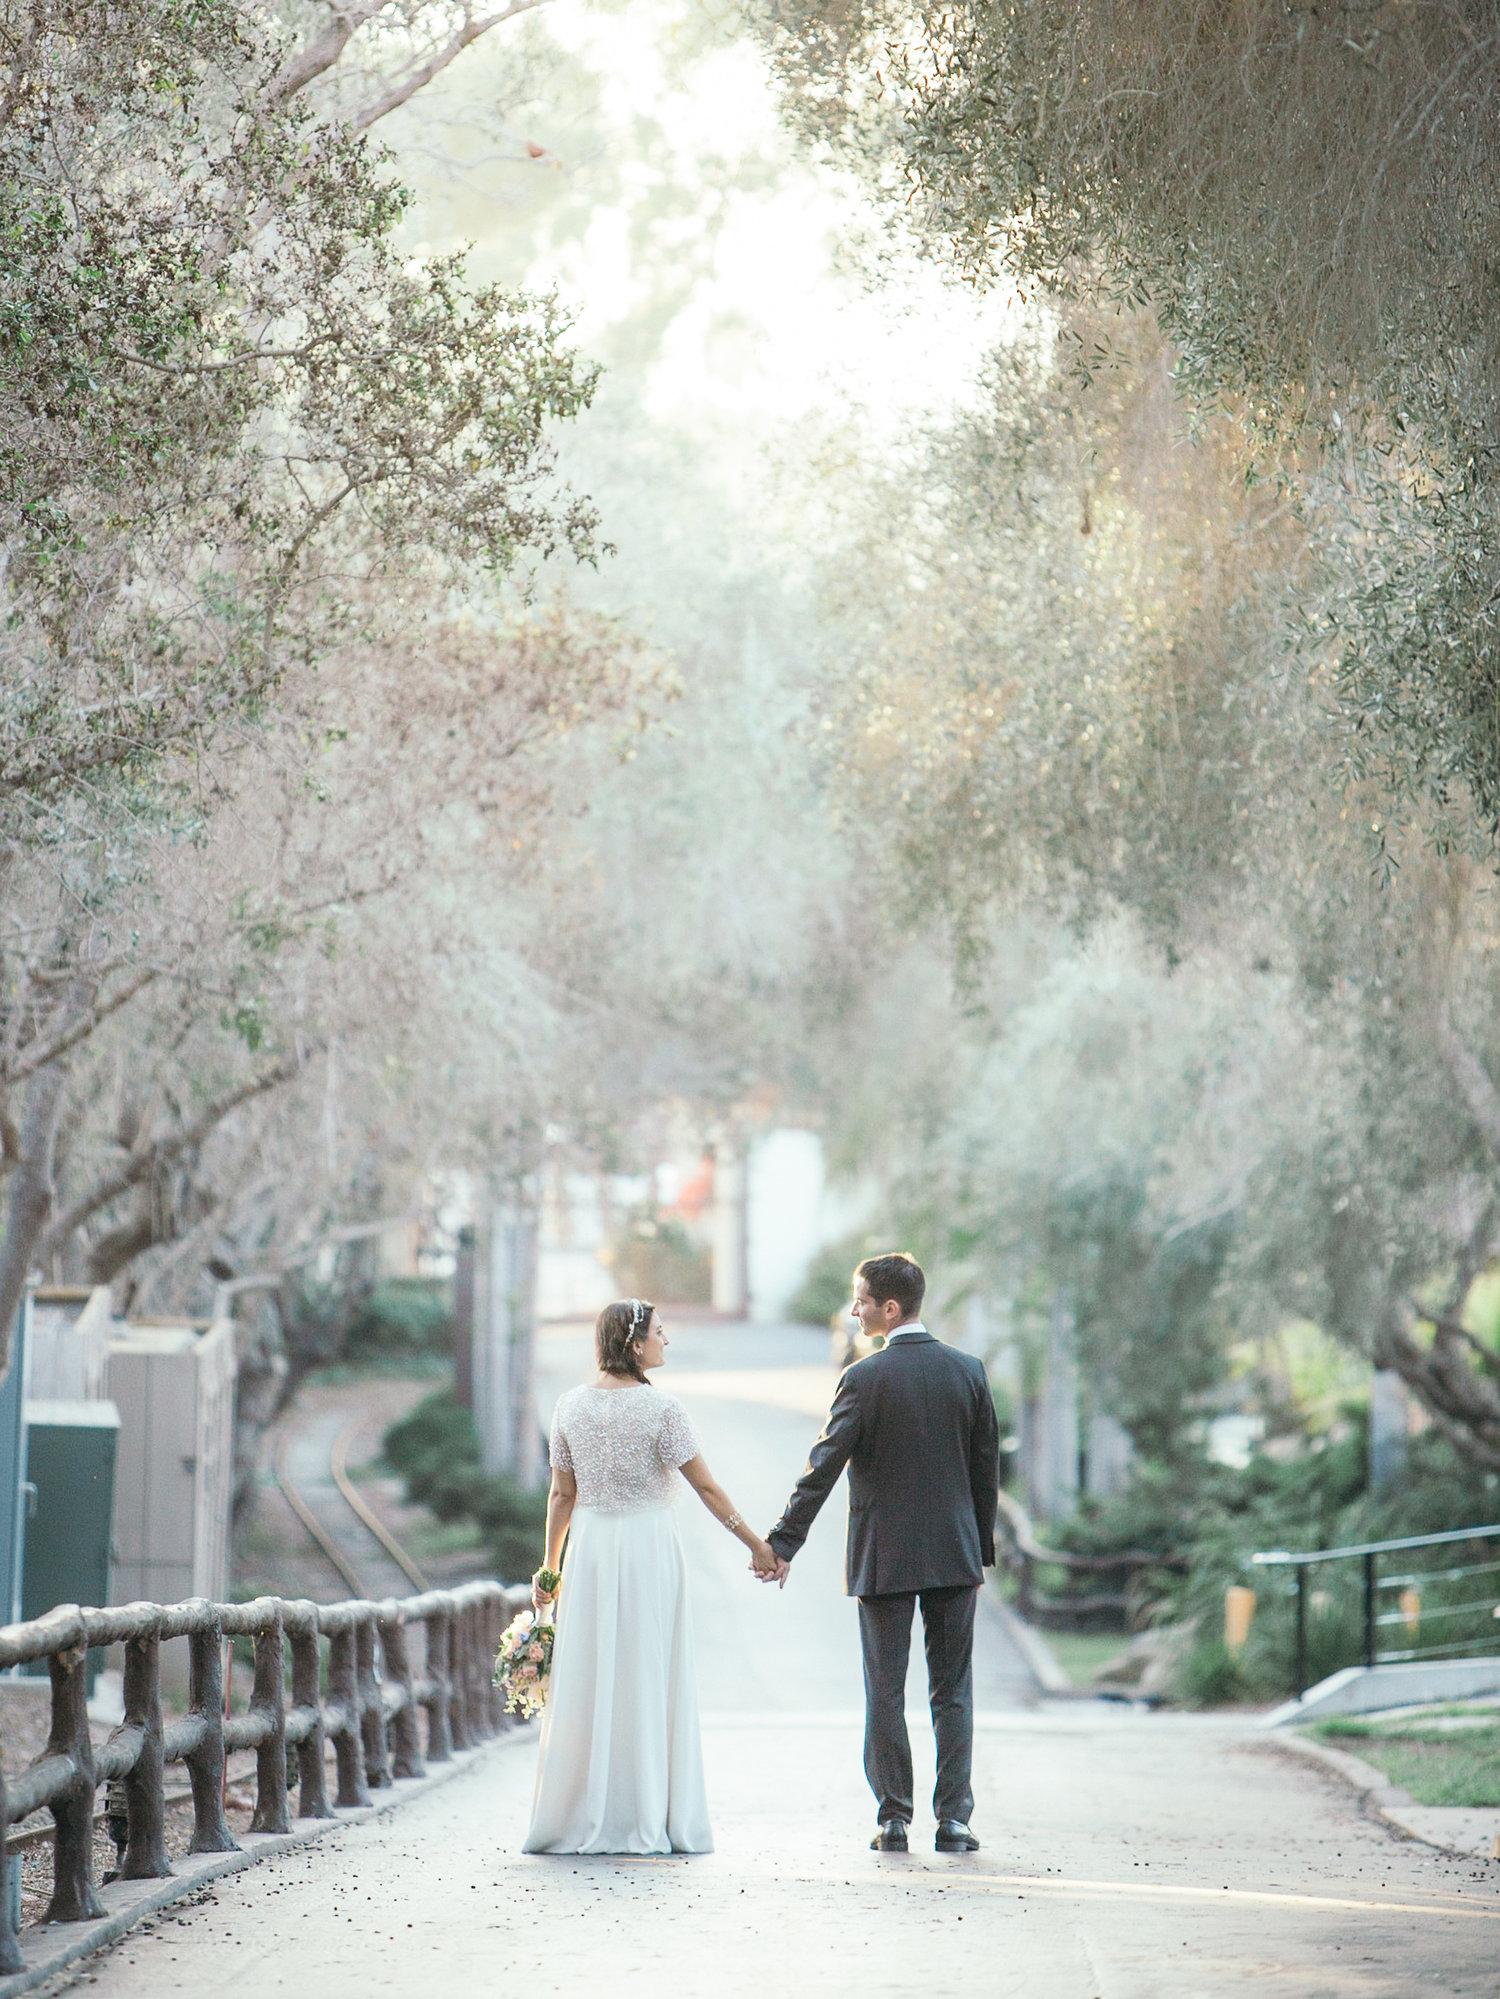 Travel Themed Wedding at the Zoo by Kiel Rucker — Santa Barbara ...